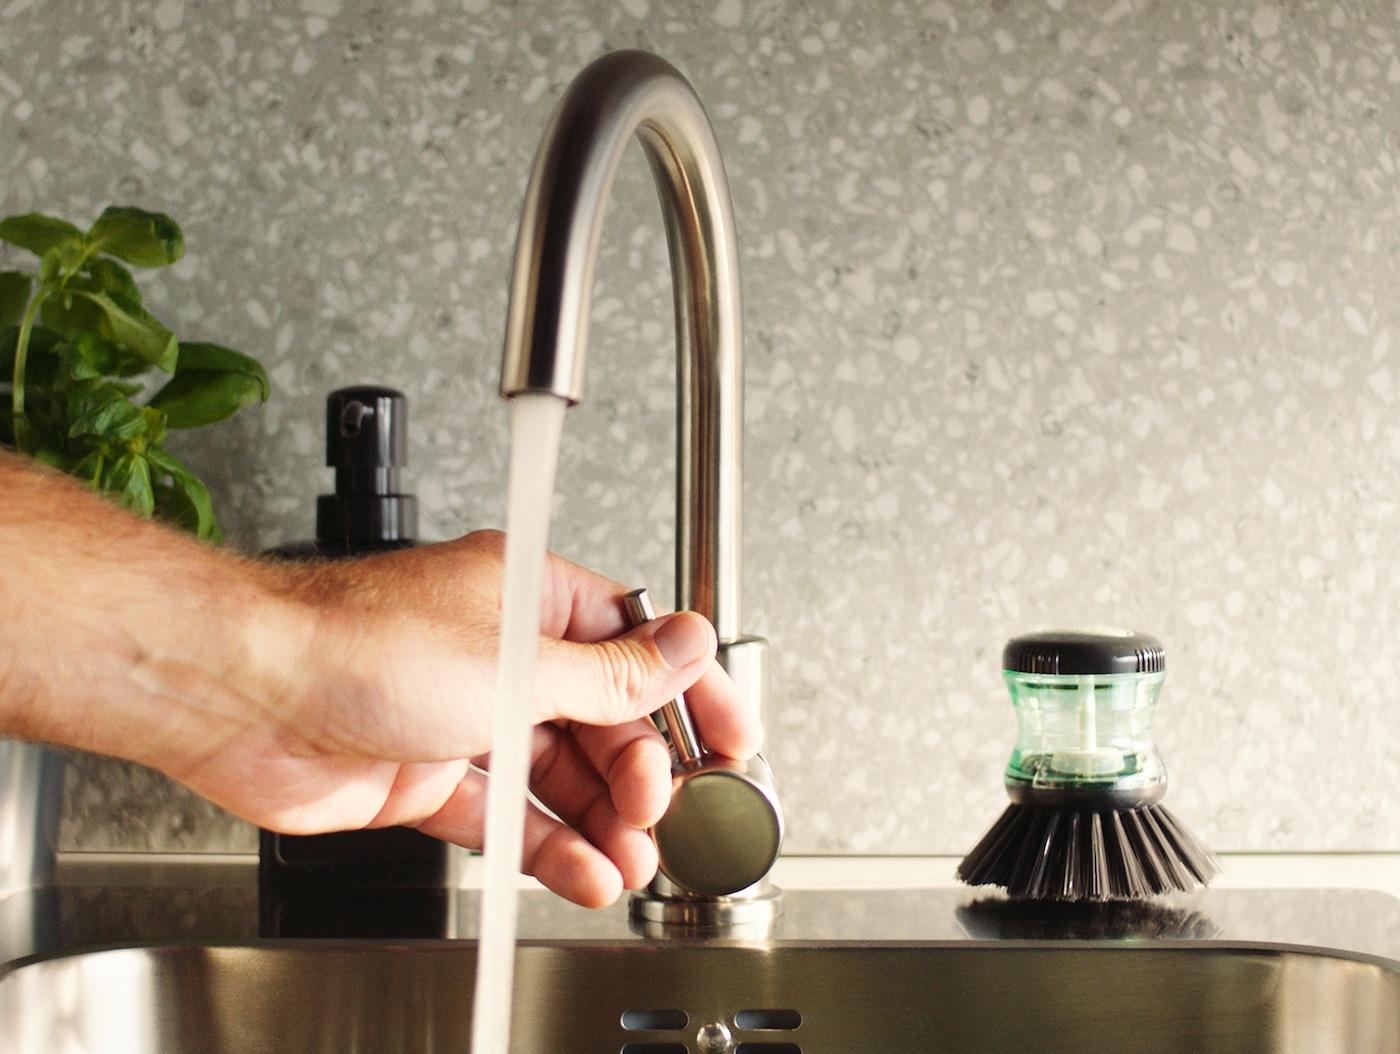 O mână reglează debitul de apă al unei baterii de bucătărie GLYPEN din inox alături de o perie de vase TÅRTSMET.